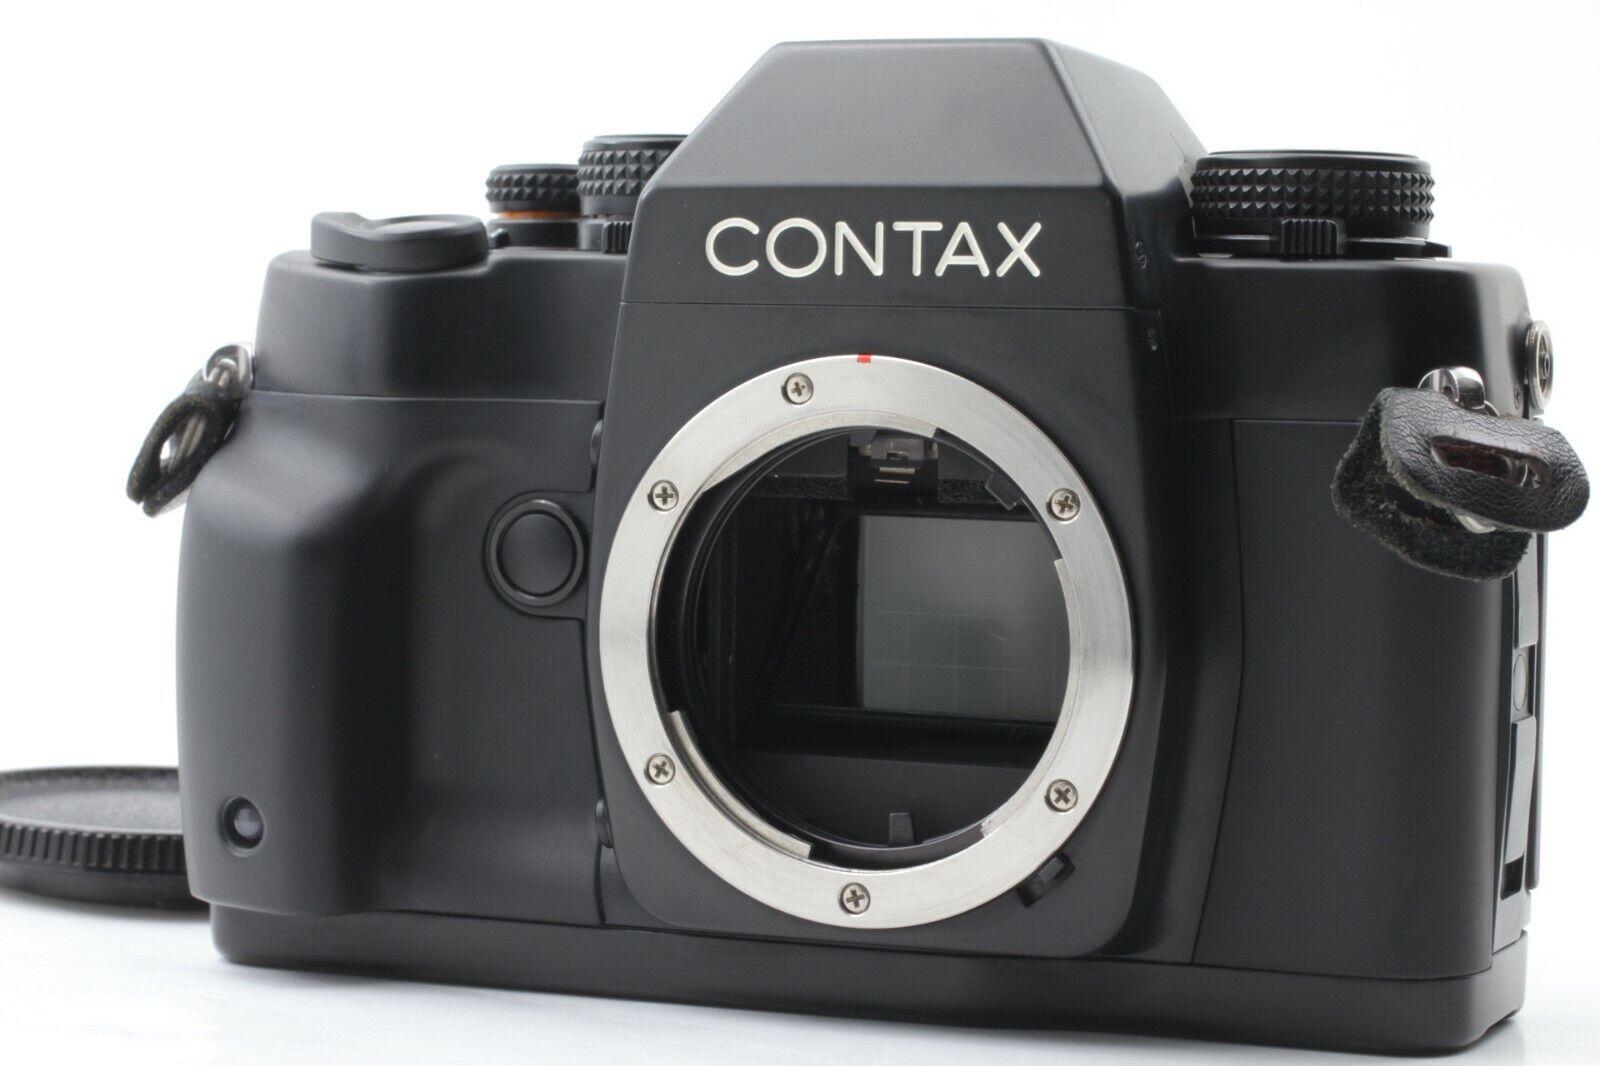 мода на пленочные фотокамеры популярных является вариант